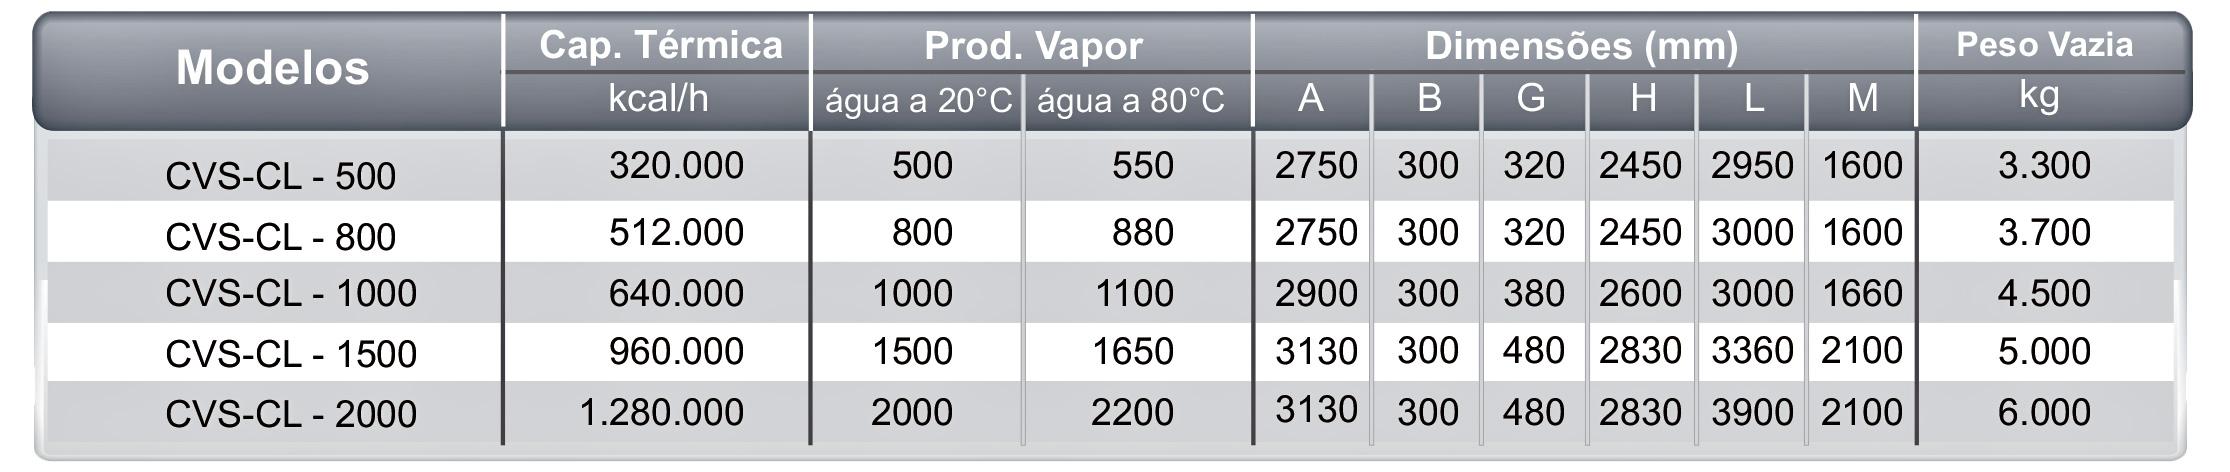 Dados Técnicos CVS-CL Icaterm